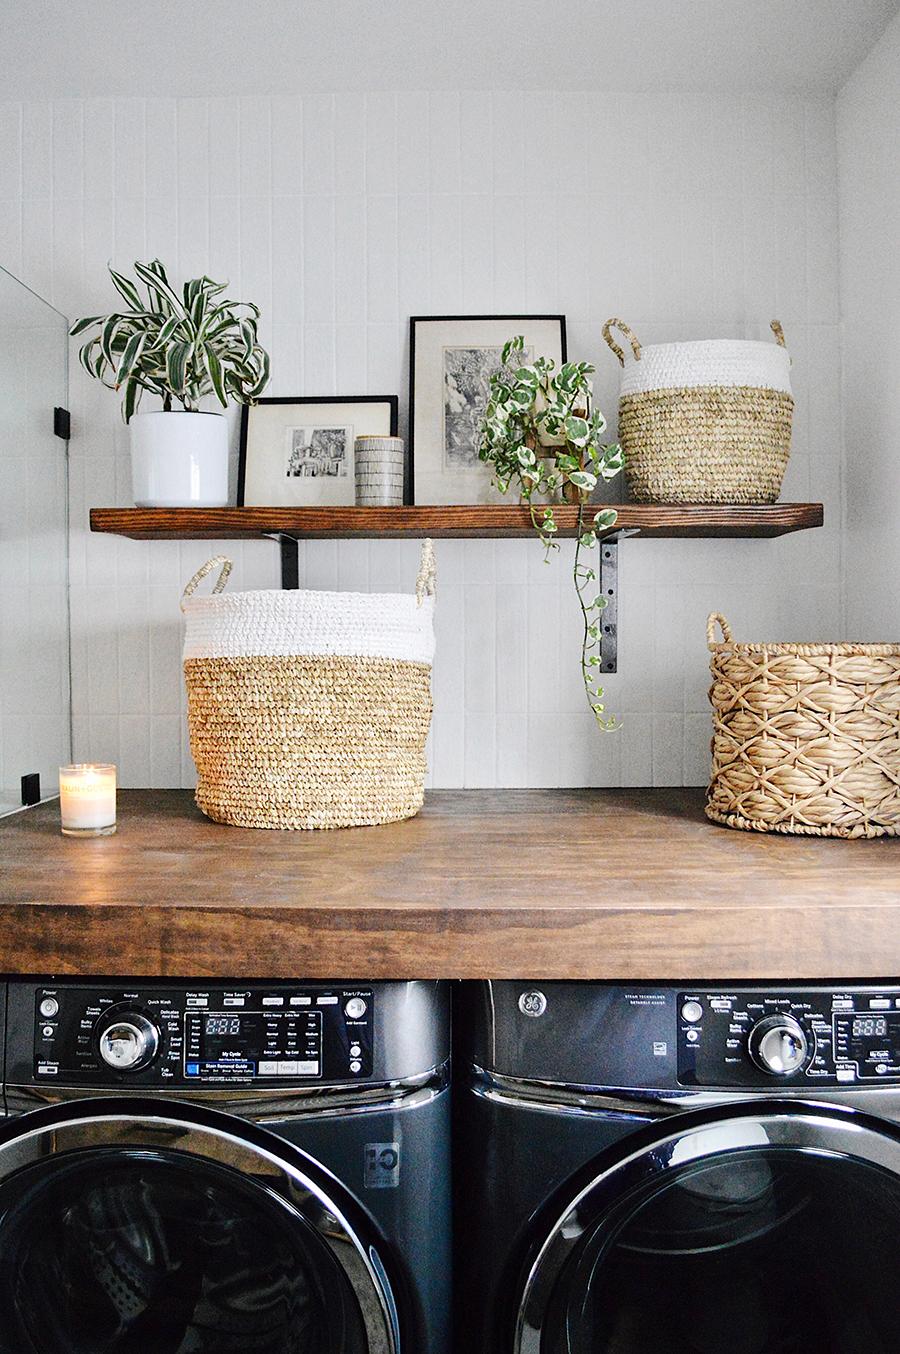 En la imagen se muestran dos lavadora bajo una cubierta de madera con cestos para organizar la ropa.